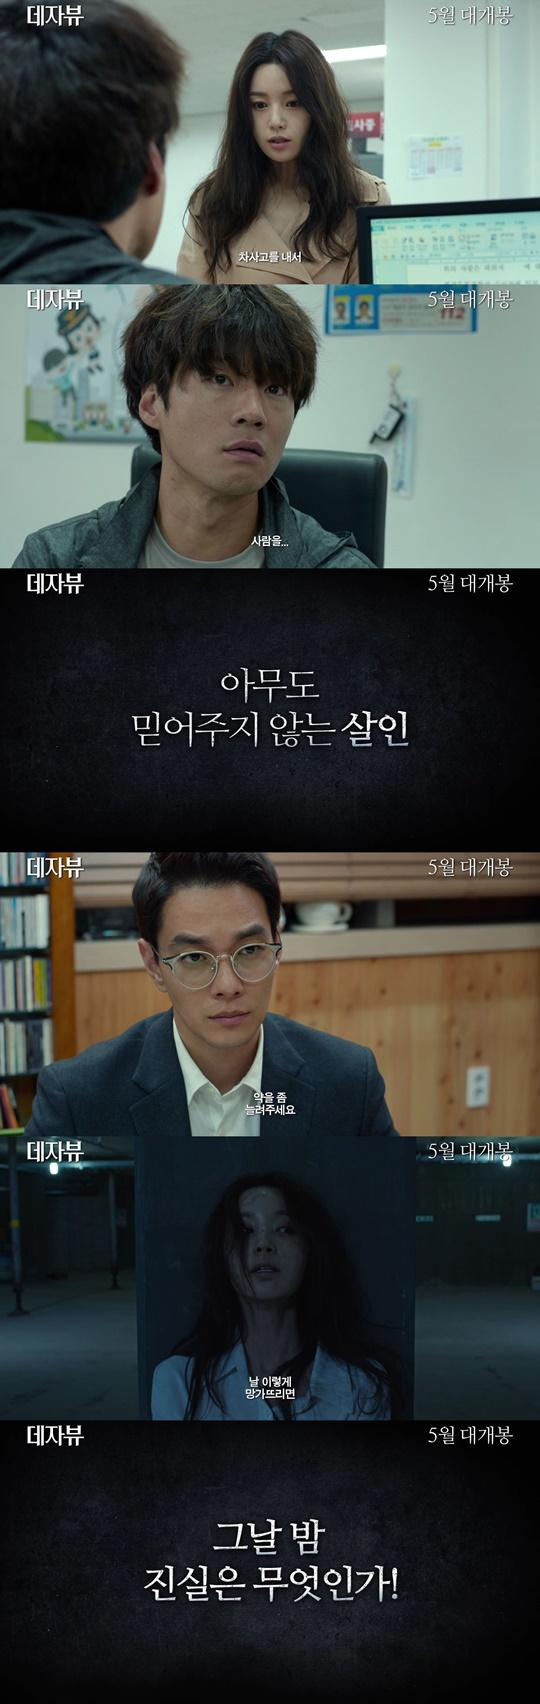 데자뷰 남규리 이천희 이규한